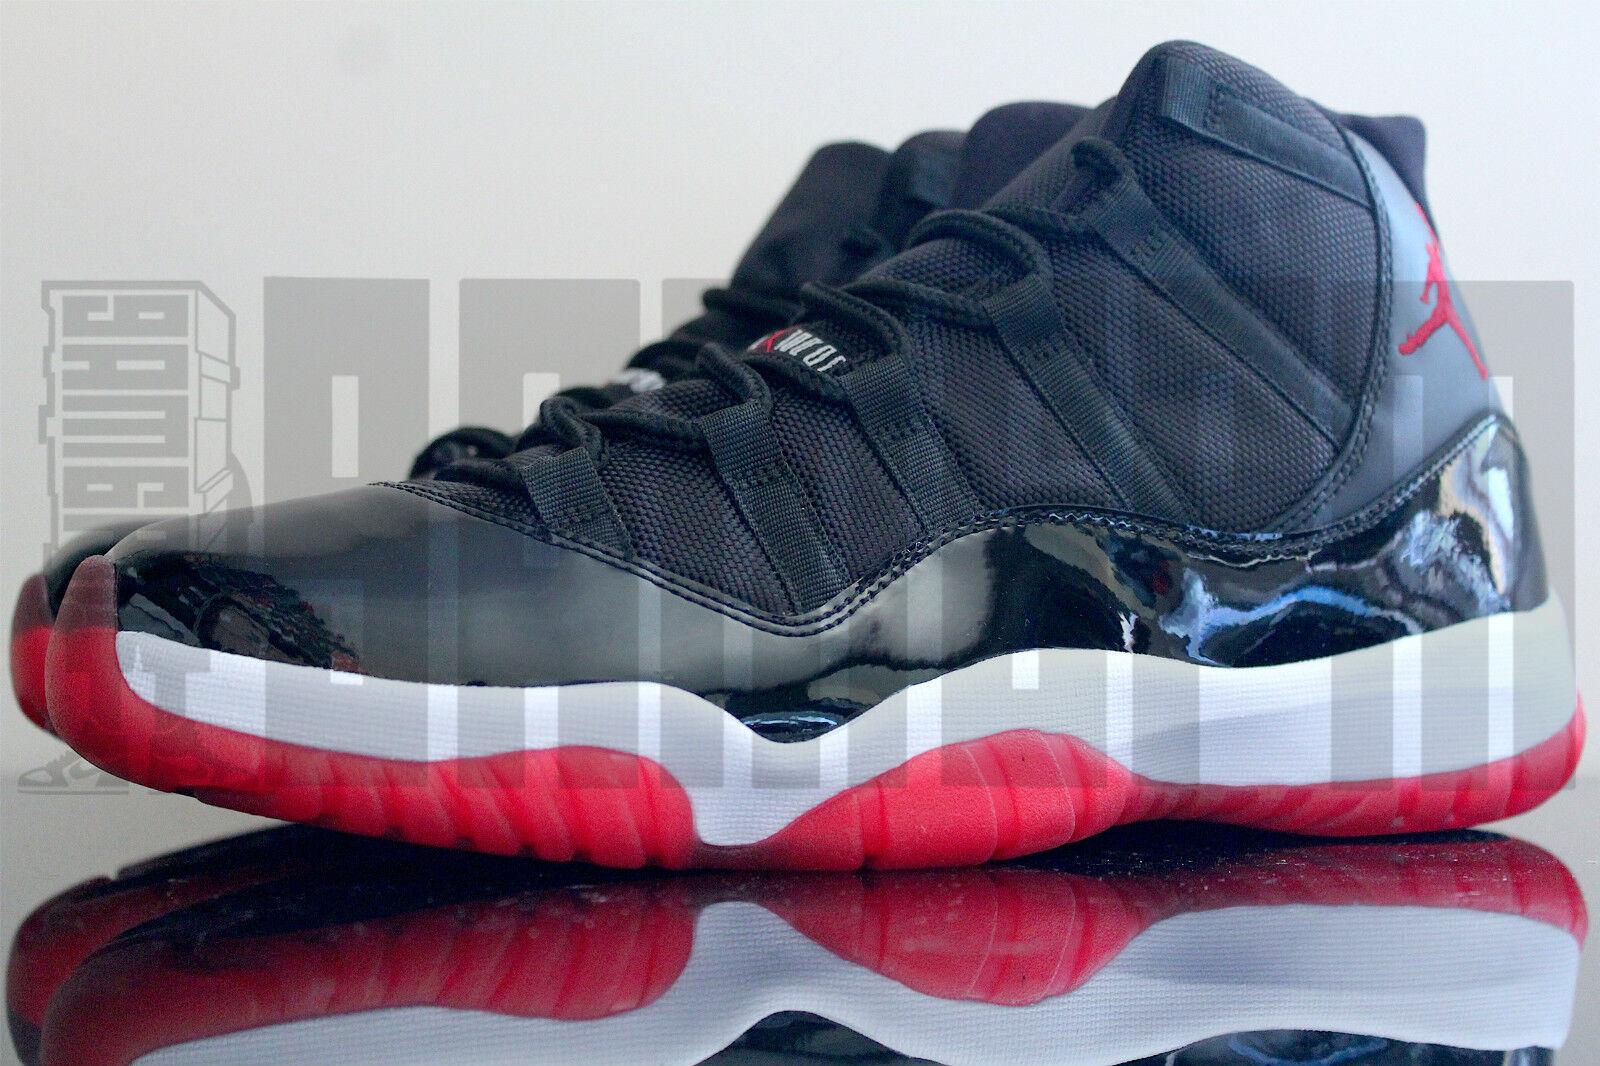 Nike air jordan 11 retrò allevati 8 9 10 11 12 rosso xi concord spacejam aj11 ds